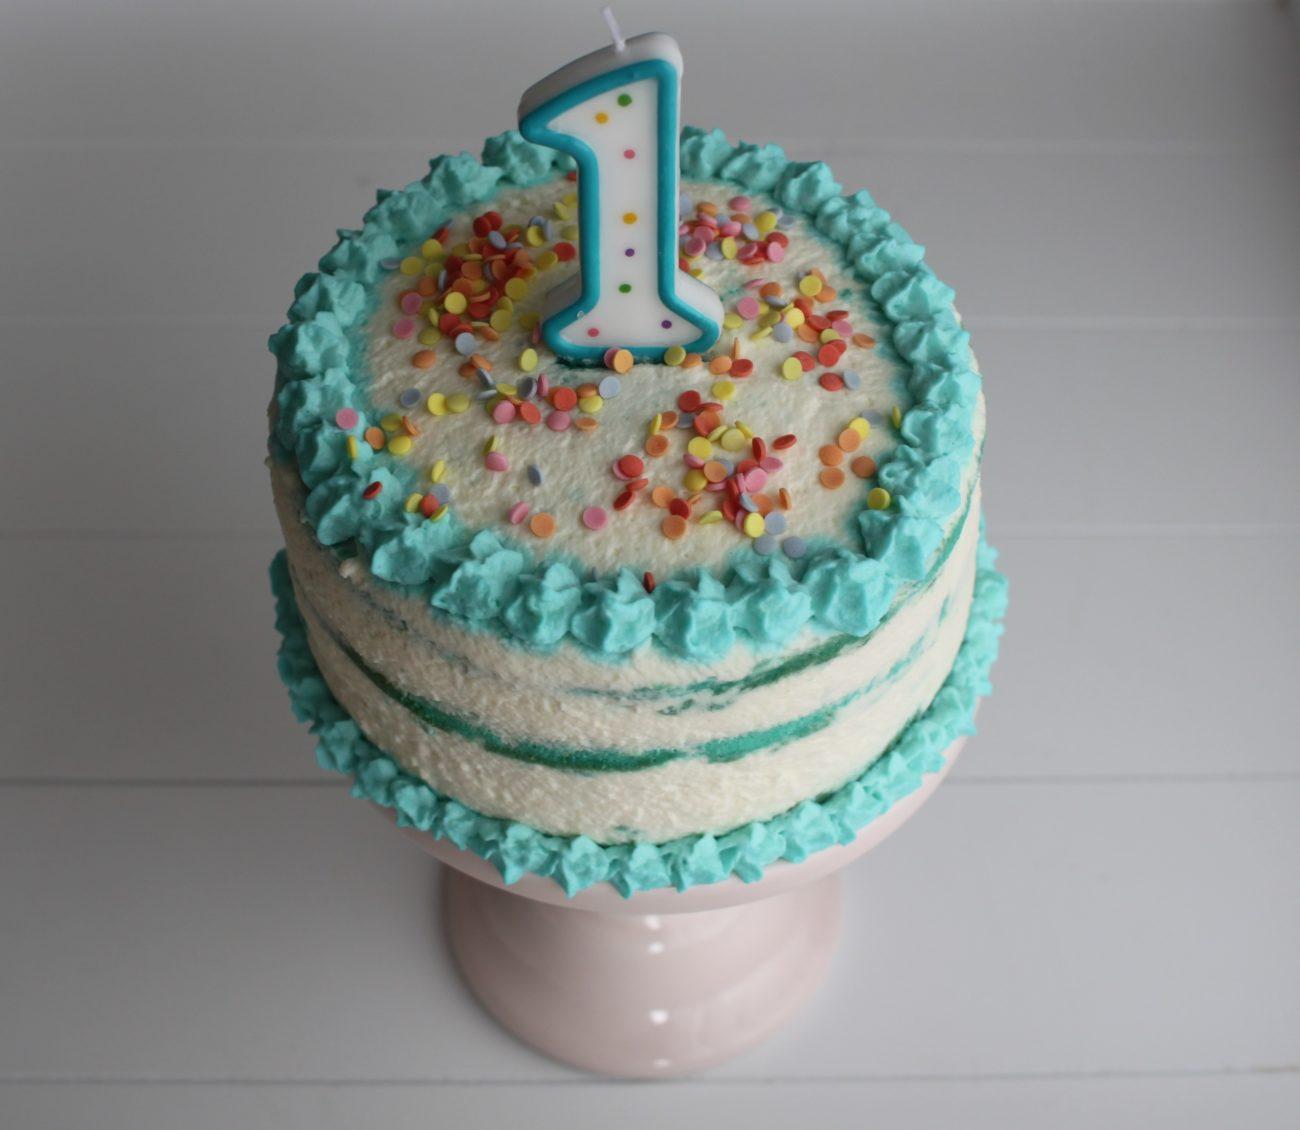 Cake Smash Torte, ganz einfach selbst herstellen